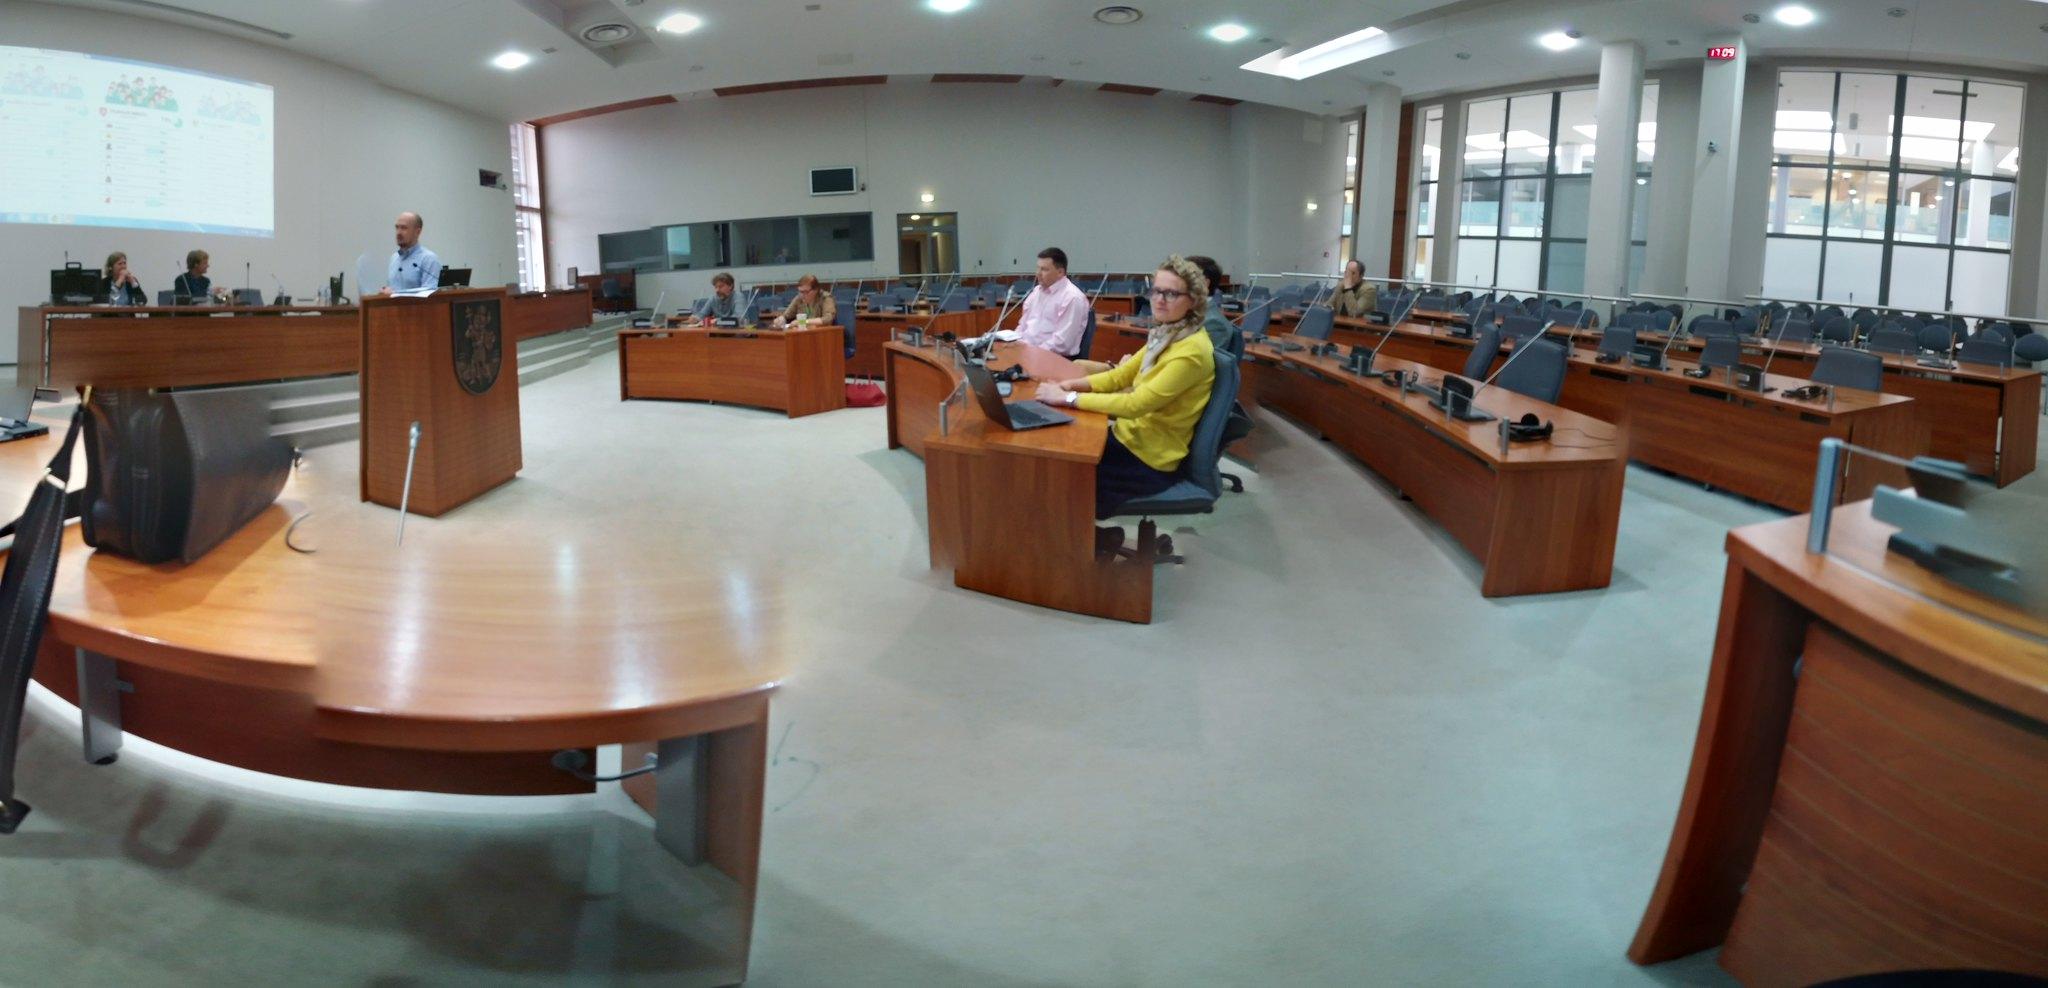 Buvome 6 seminaro dalyviai - be pranešėjų, be organizatorių, be vertėjo ir be vieno IT reikalus prižiūrinčio žmogaus. Beje, buvo mėgintą savivaldybės darbuotoją įtraukti į diskusiją, bet nepavyko :D